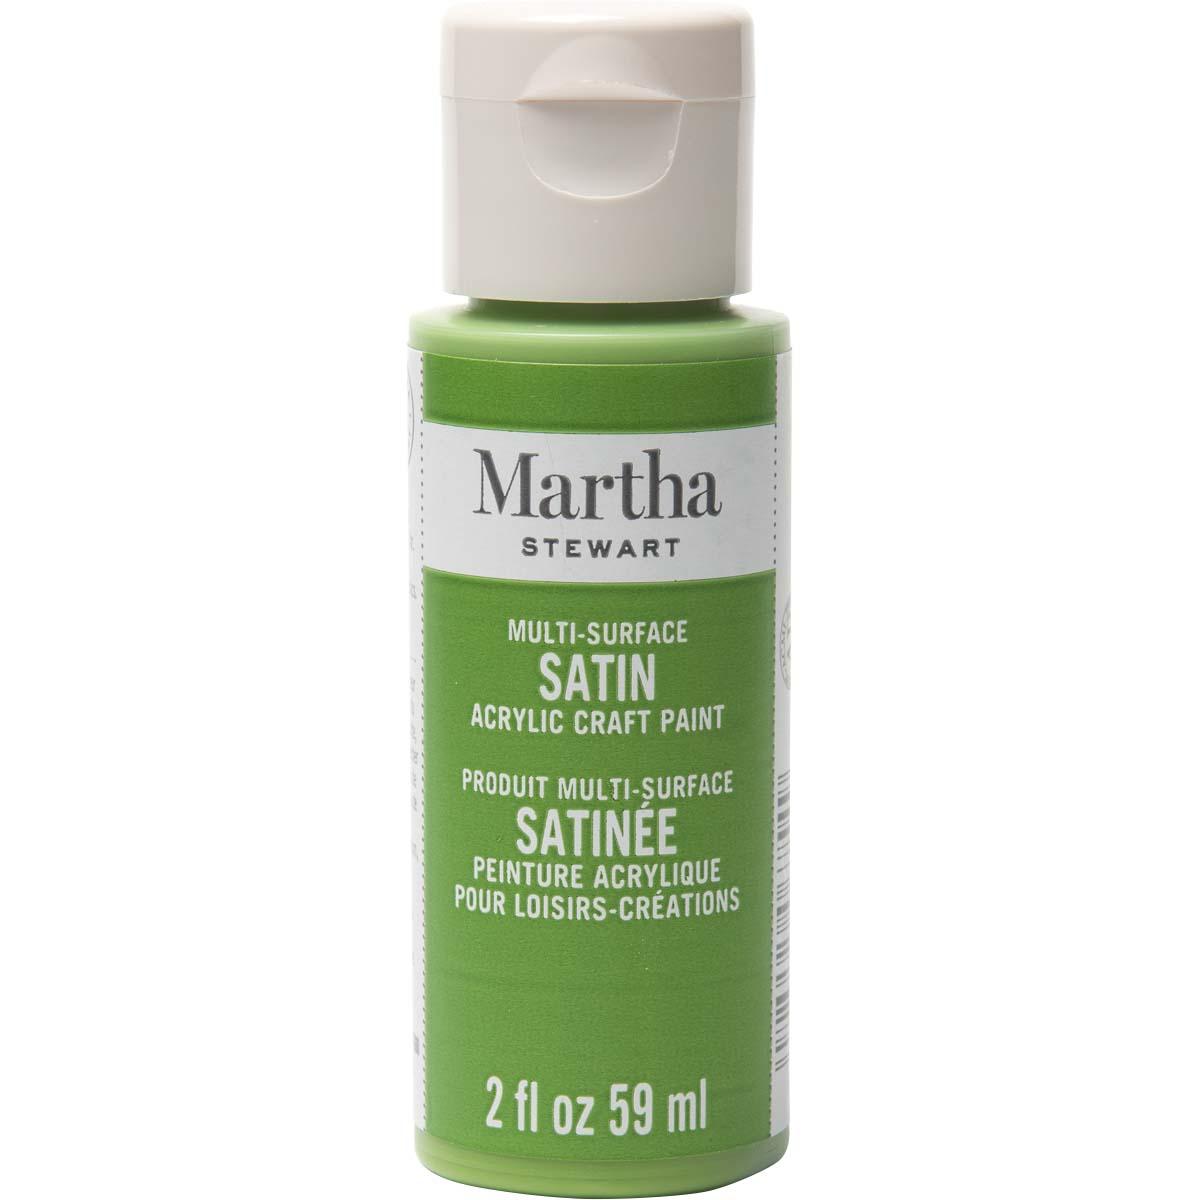 Martha Stewart® 2oz Multi-Surface Satin Acrylic Craft Paint - Scottish Highlands